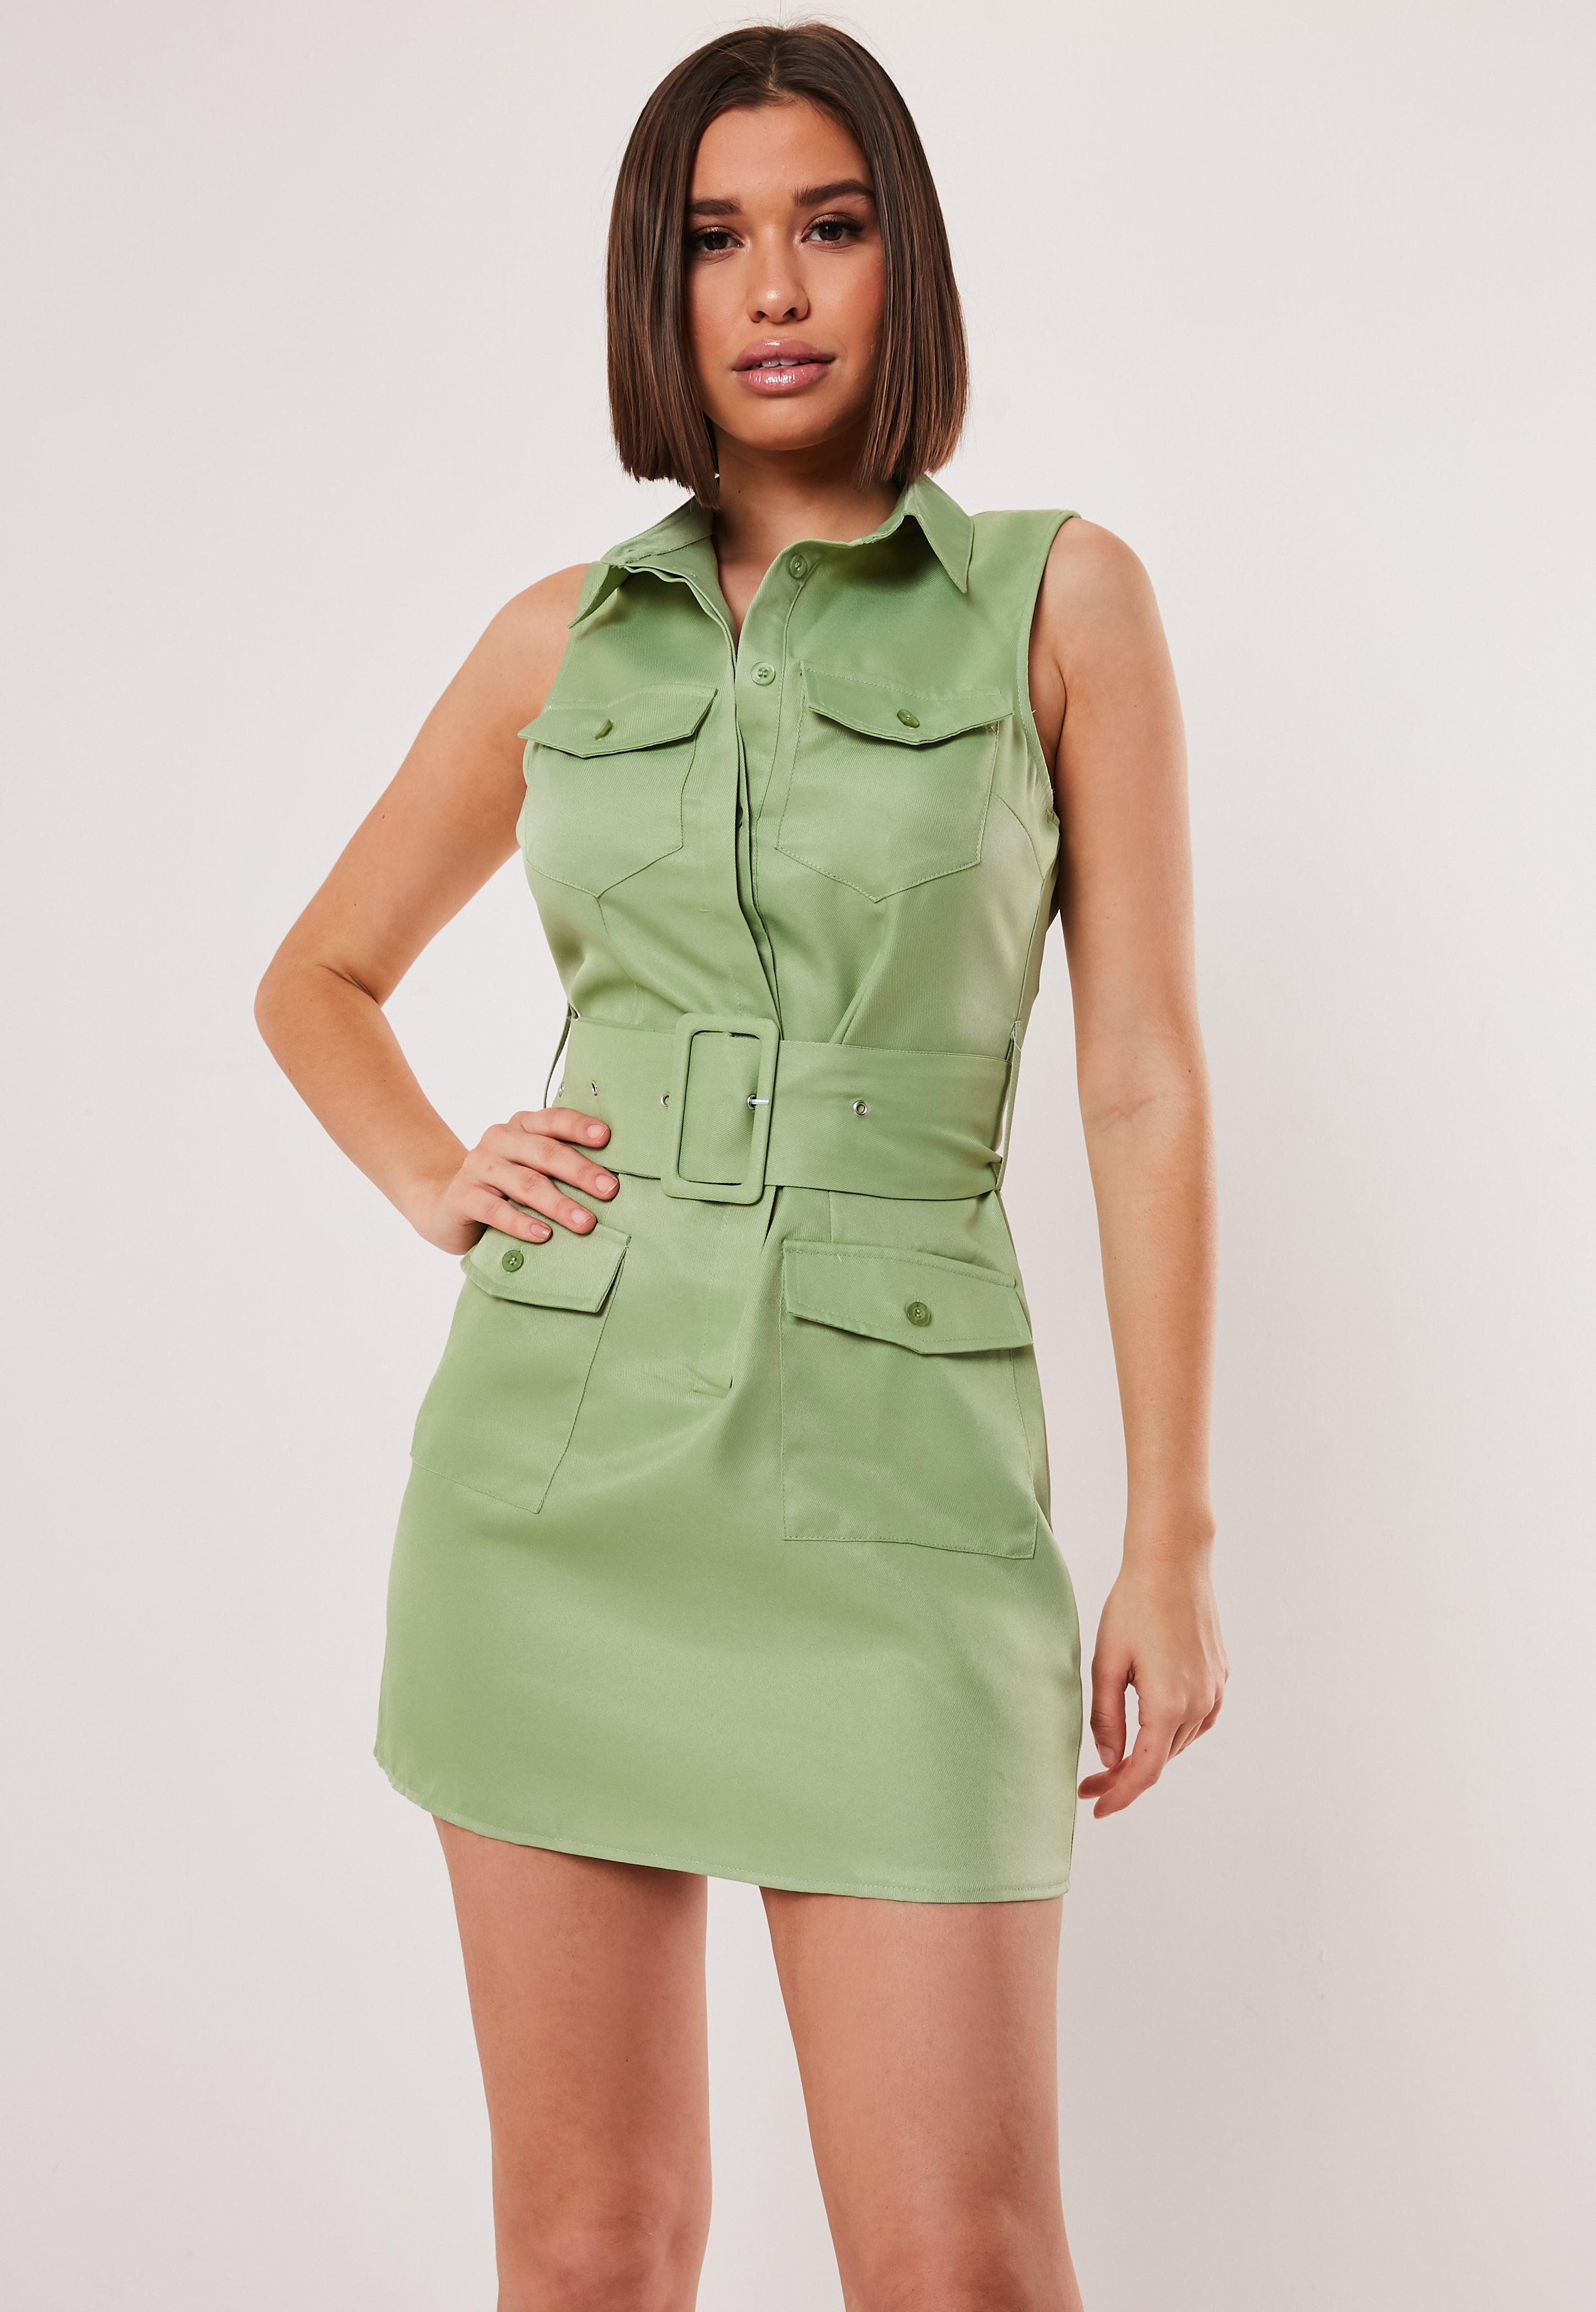 d634abc1d61f9 Green Sleeveless Belted Shirt Dress